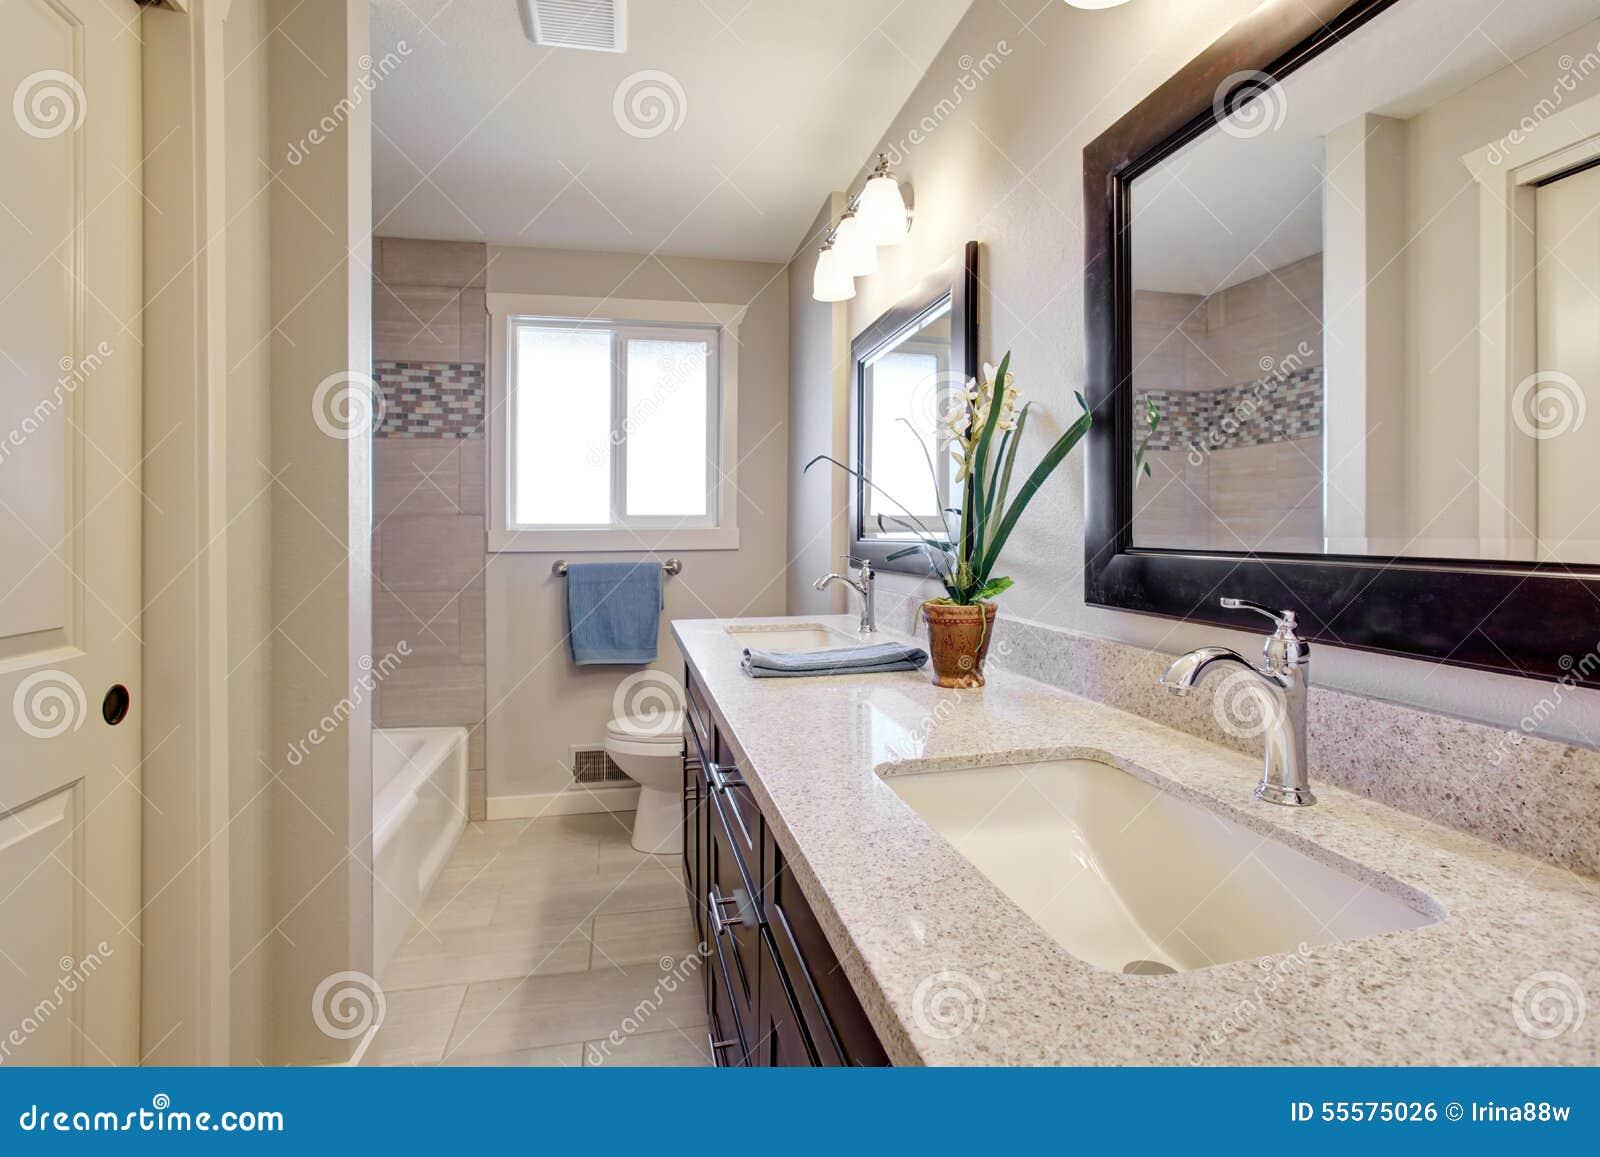 Beautiful Bathroom With Tile Floor Stock Photo Image